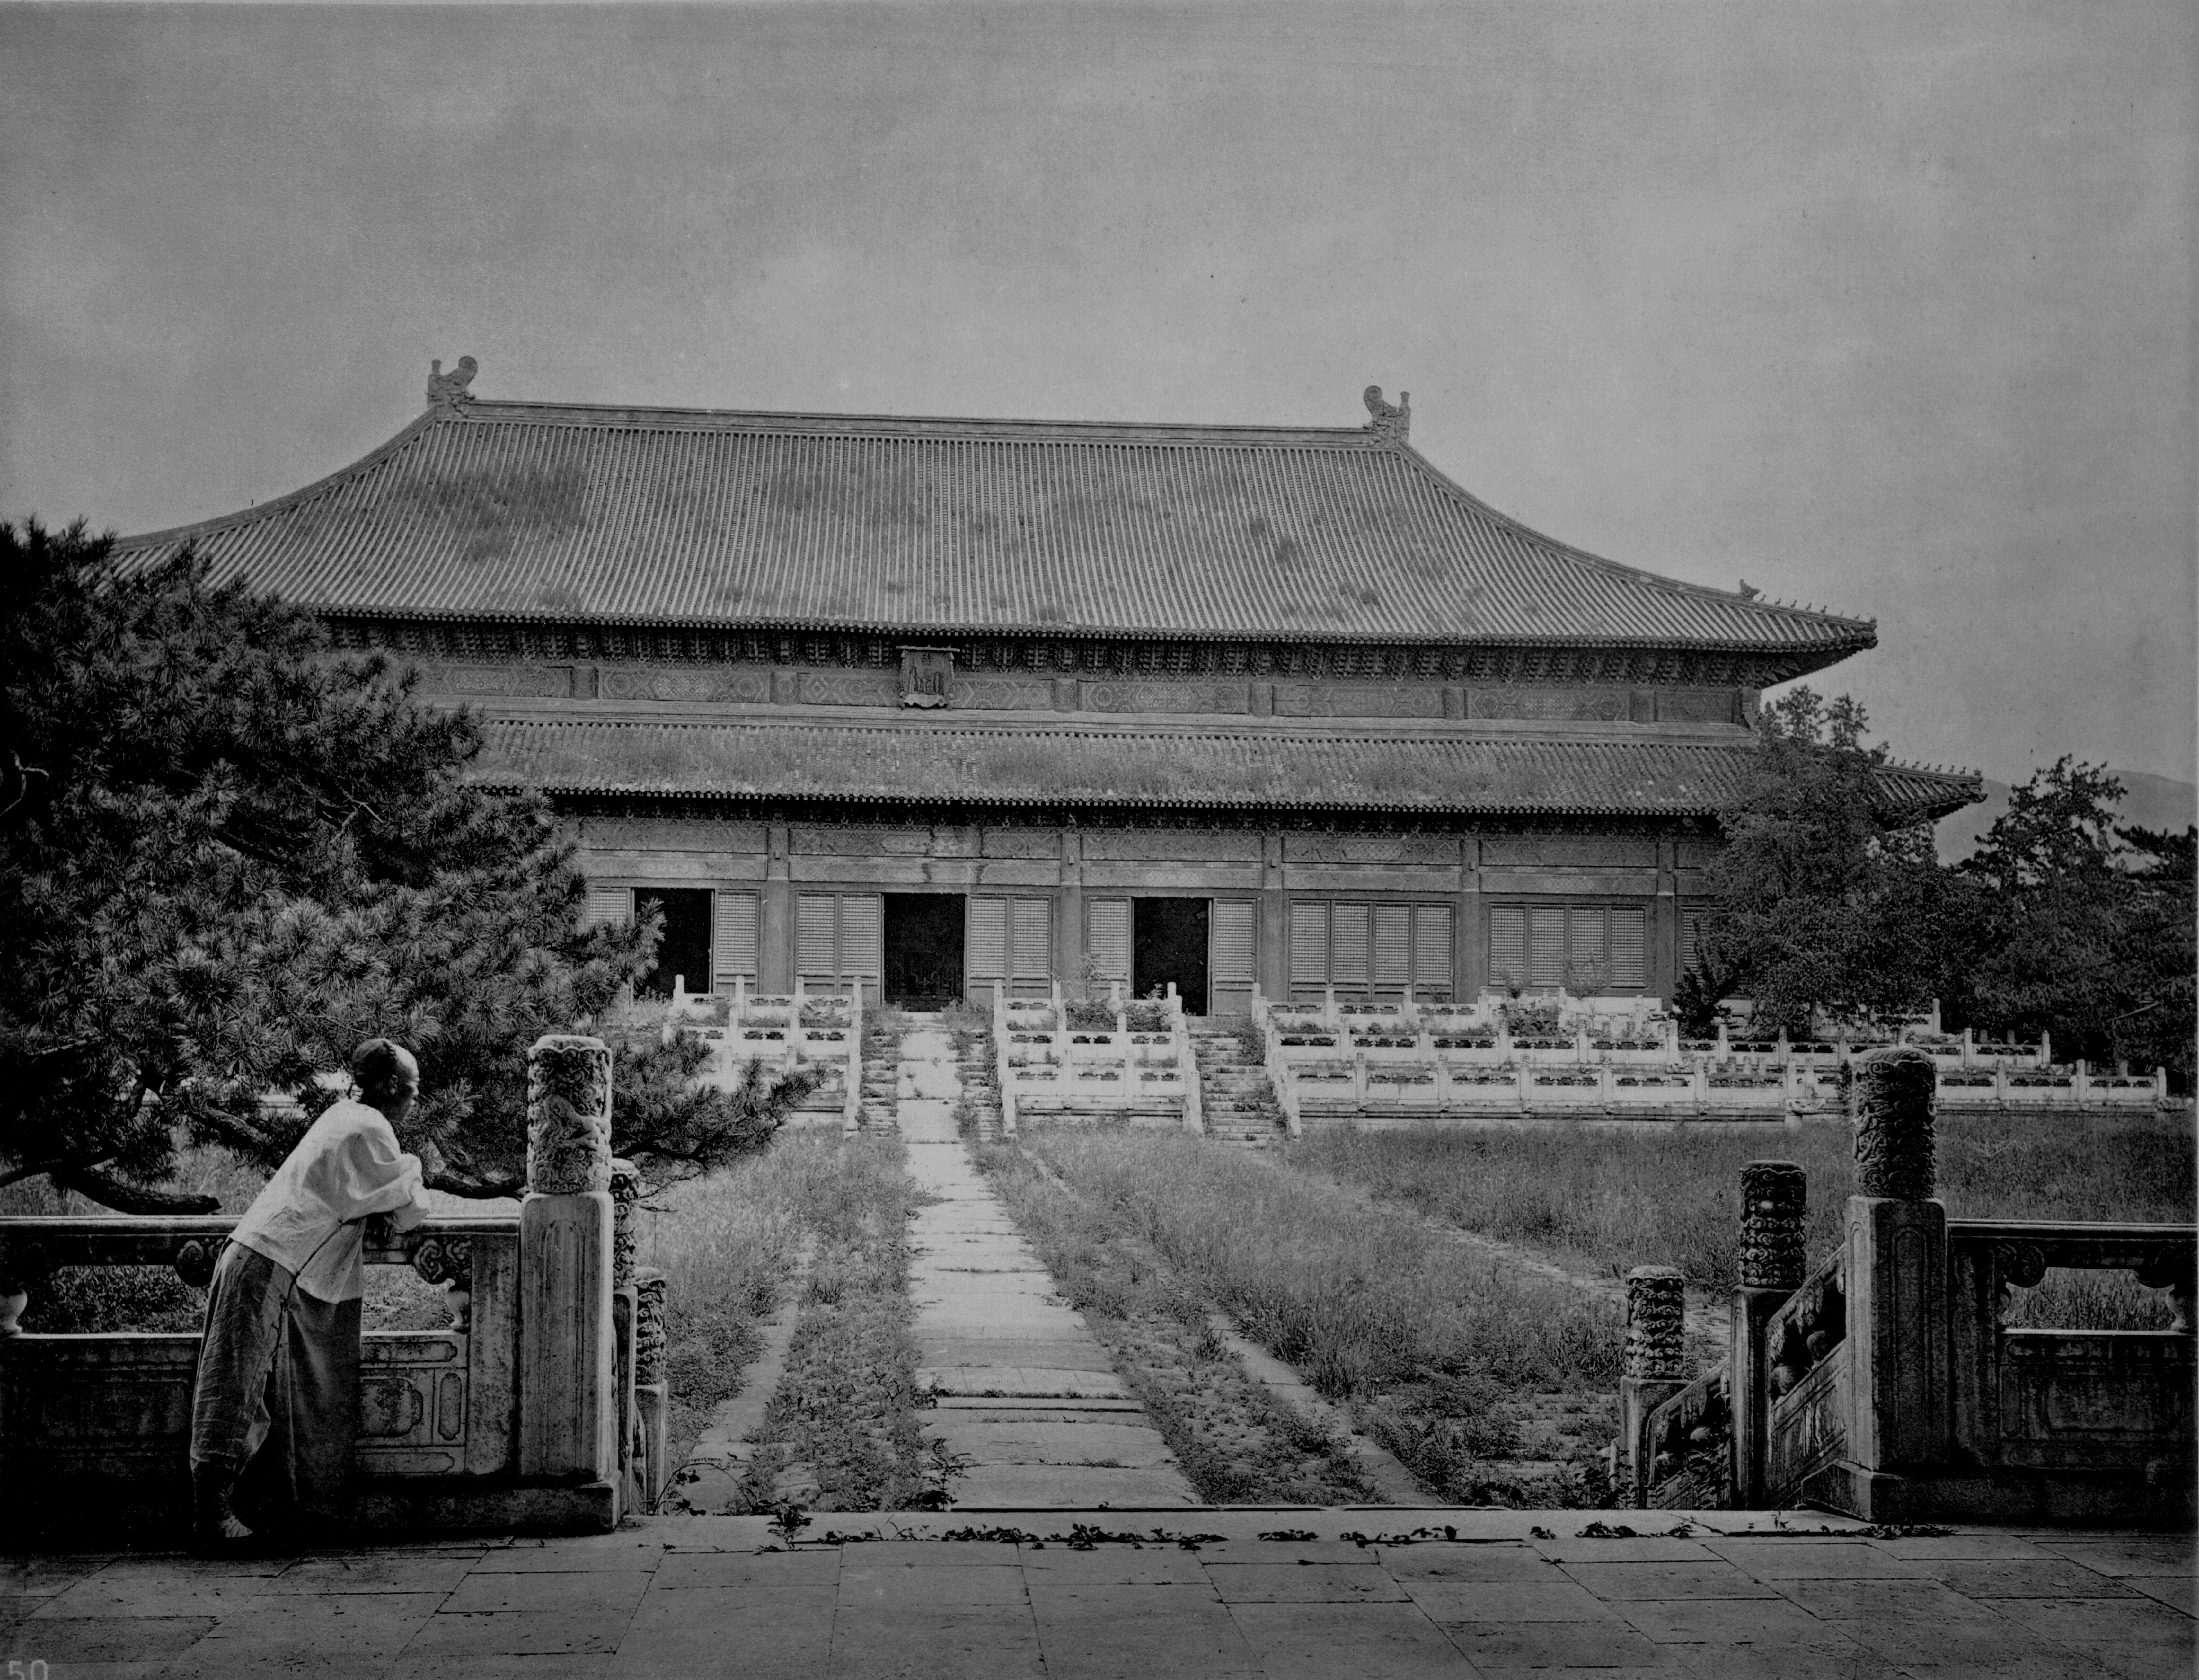 The Yongle Hall.